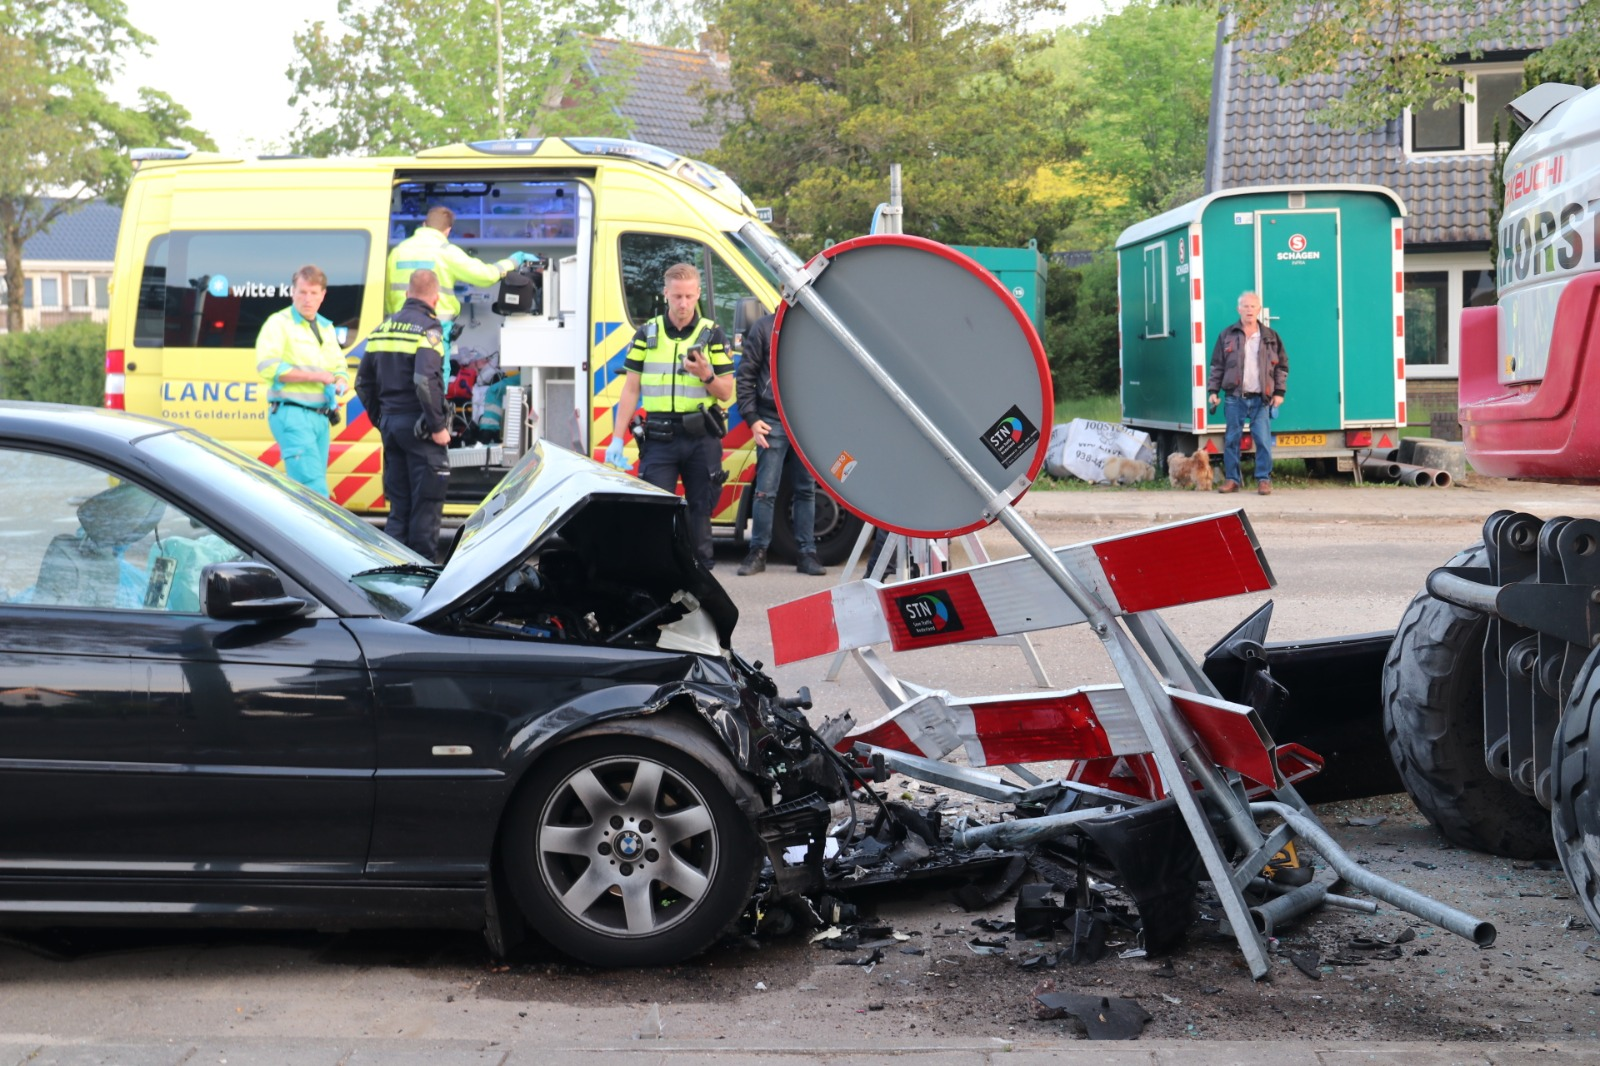 Twee personen ernstig gewond bij auto-ongeluk op Apeldoornseweg in Vaassen